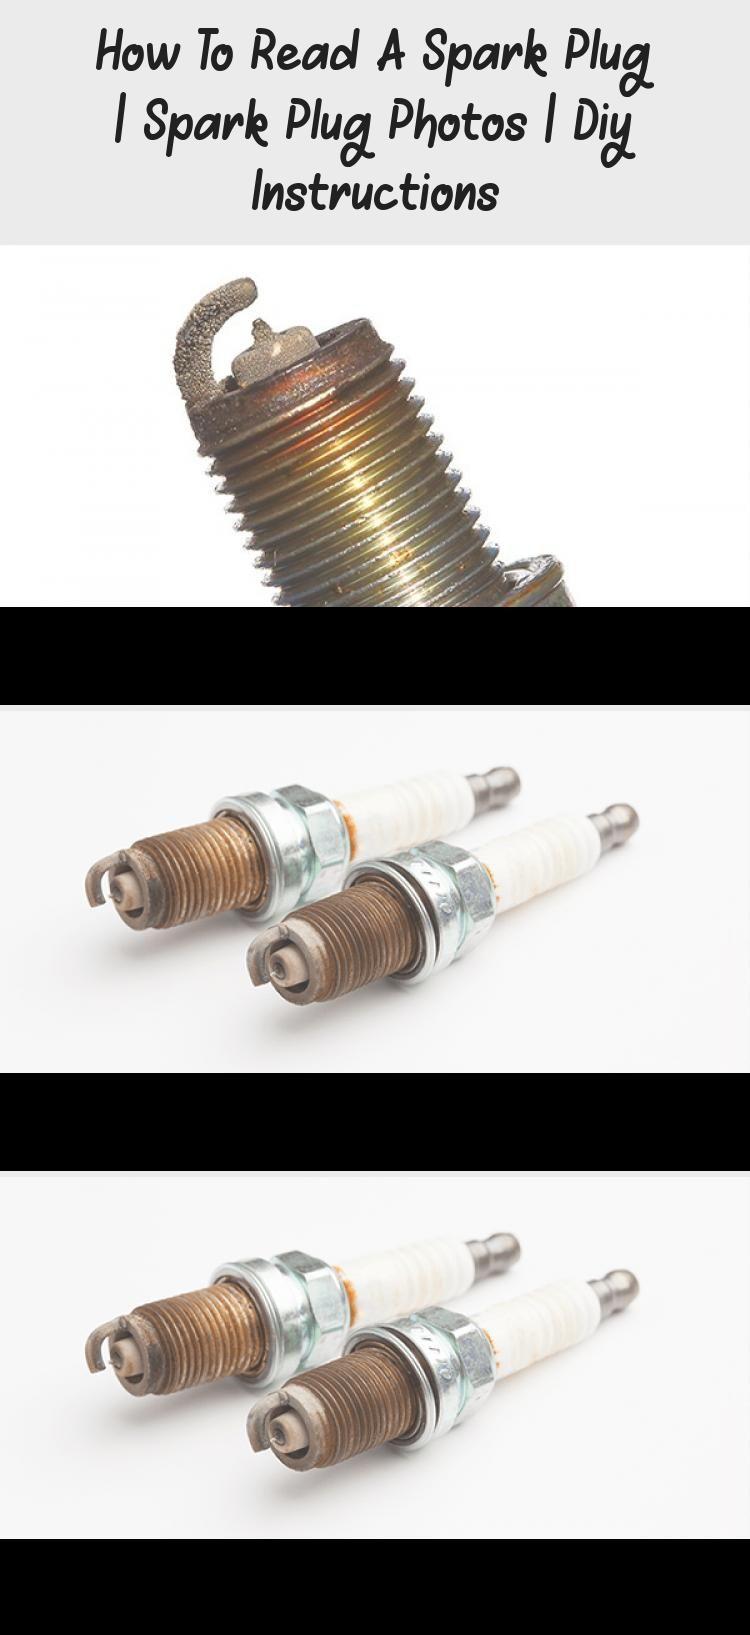 How To Read A Spark Plug Spark Plug Photos Diy Instructions Car Spark Plug Plugs Gasoline Engine